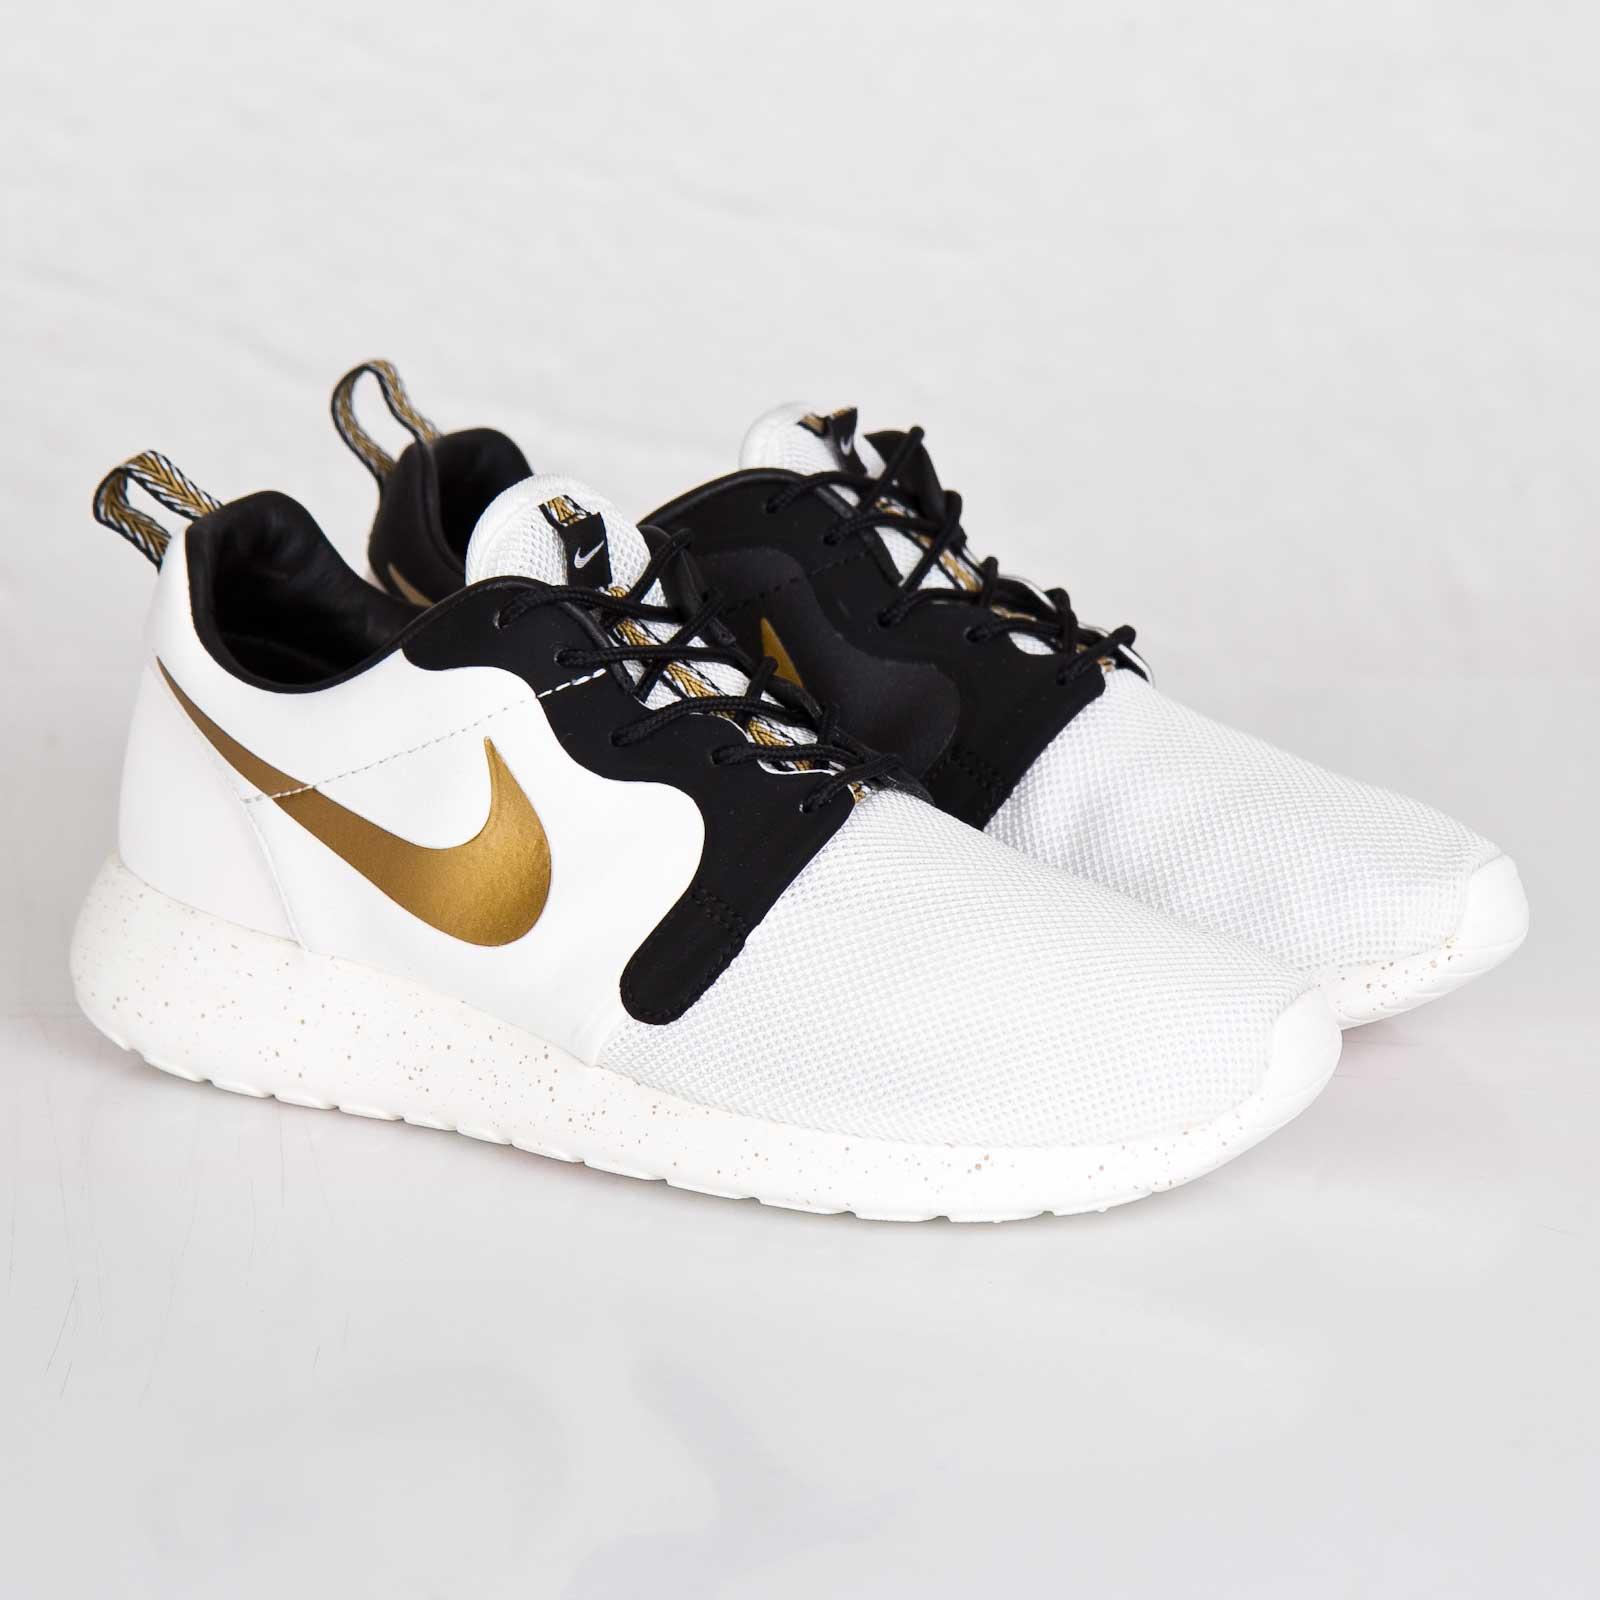 best website 52b2f 91938 Nike Roshe Run Hyperfuse Premium QS